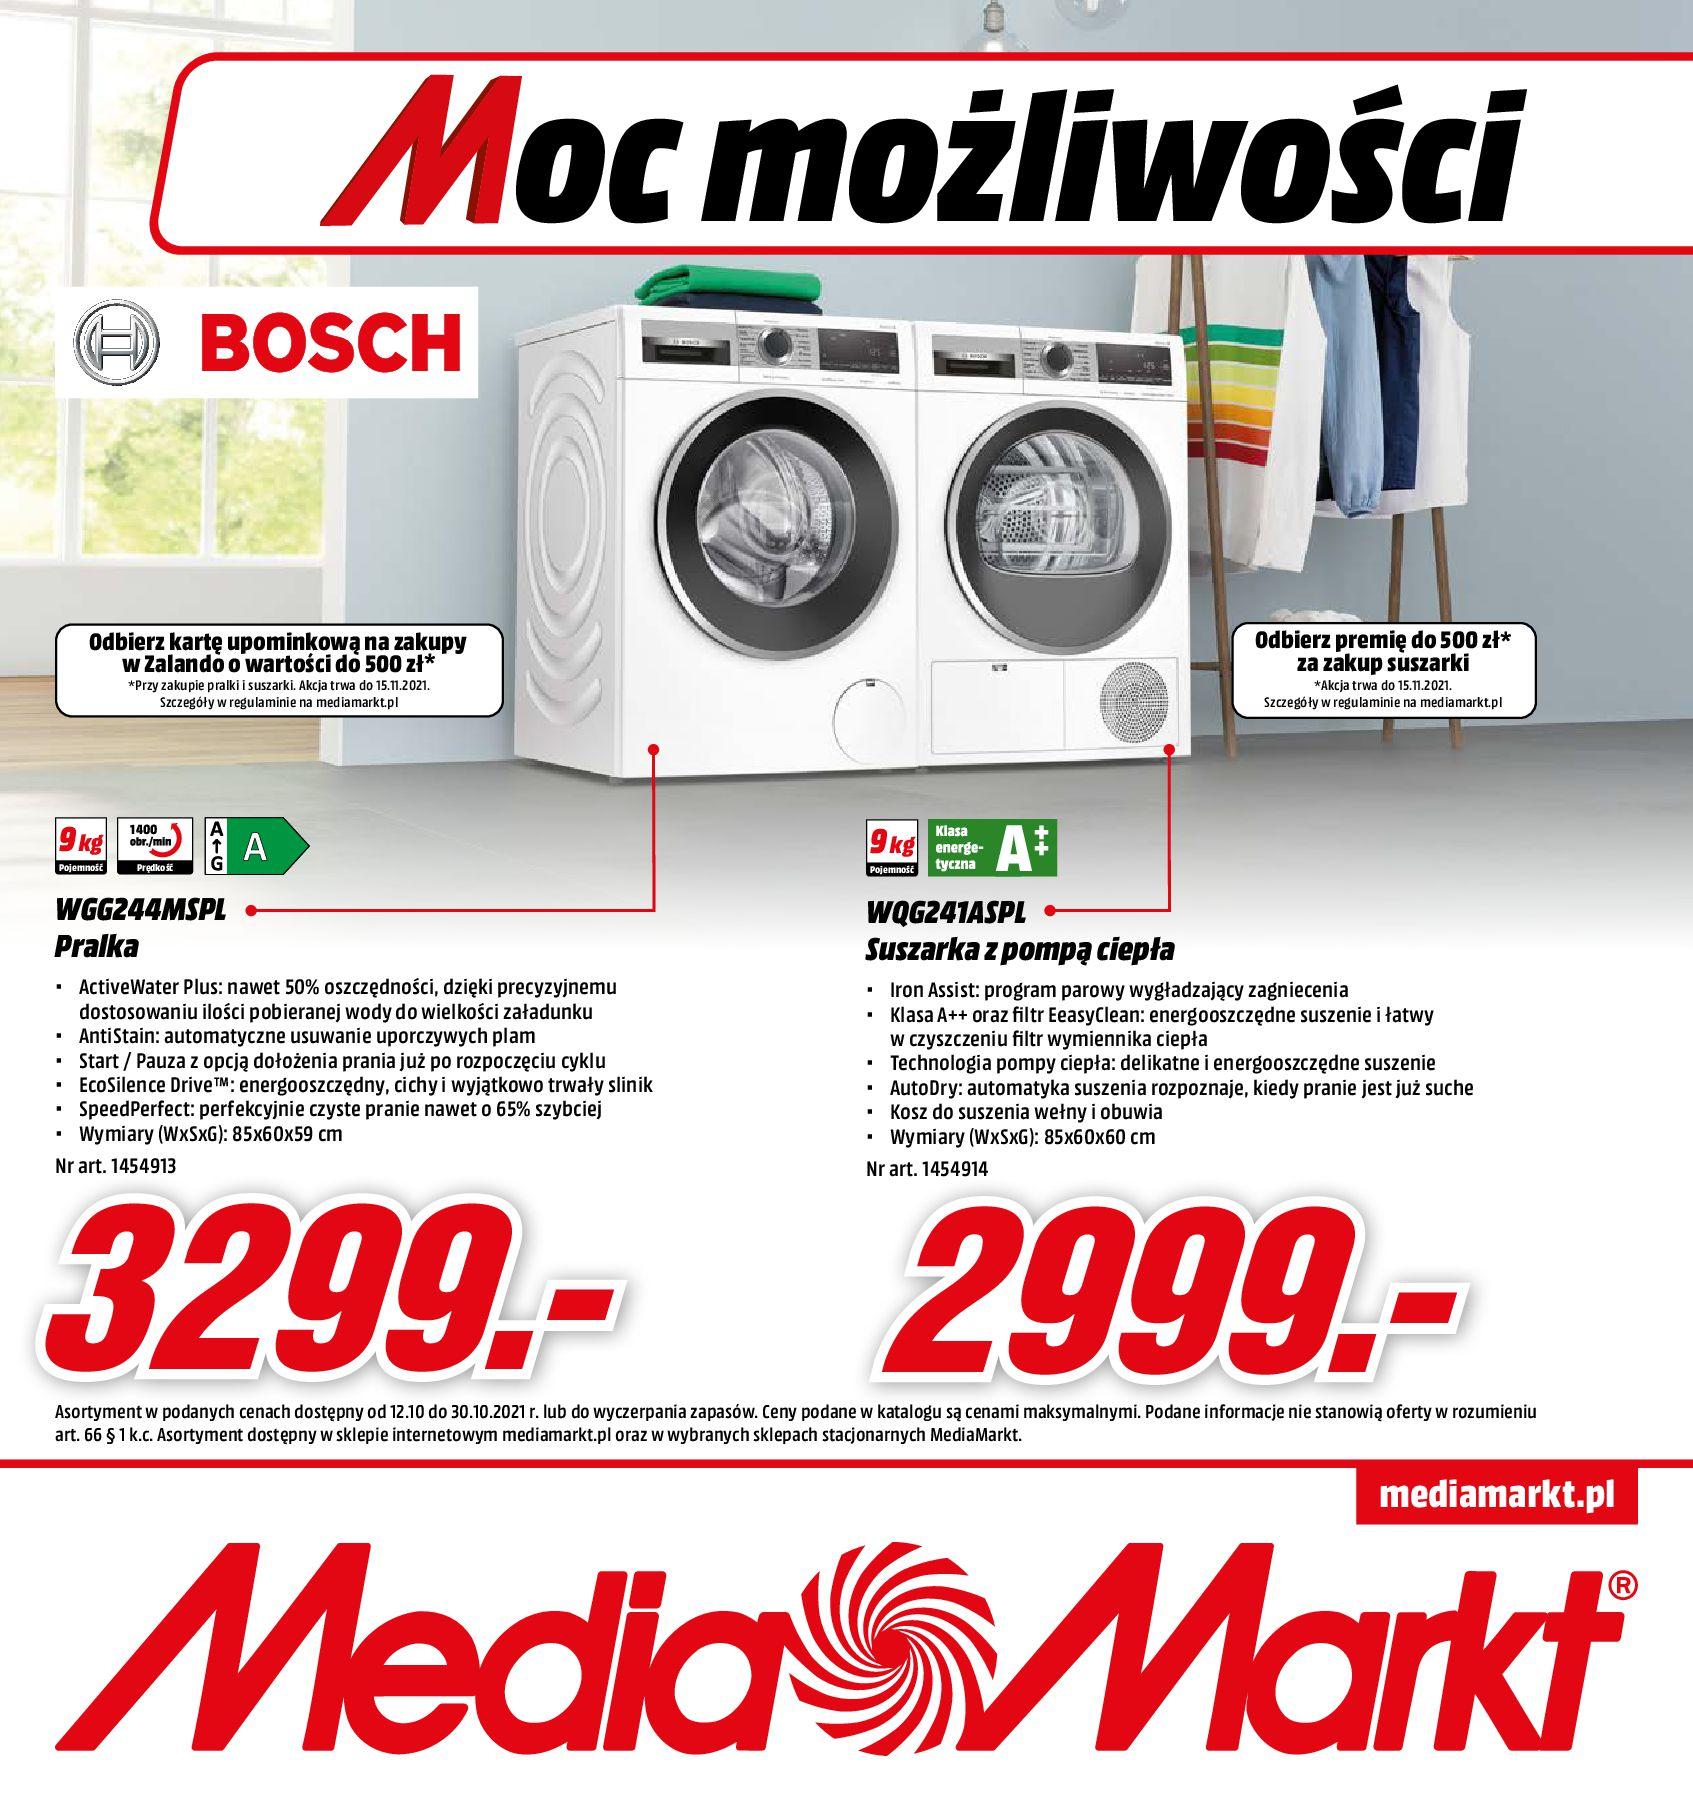 Media Markt:  Gazetka media Markt - Moc możliwości 11.10.2021